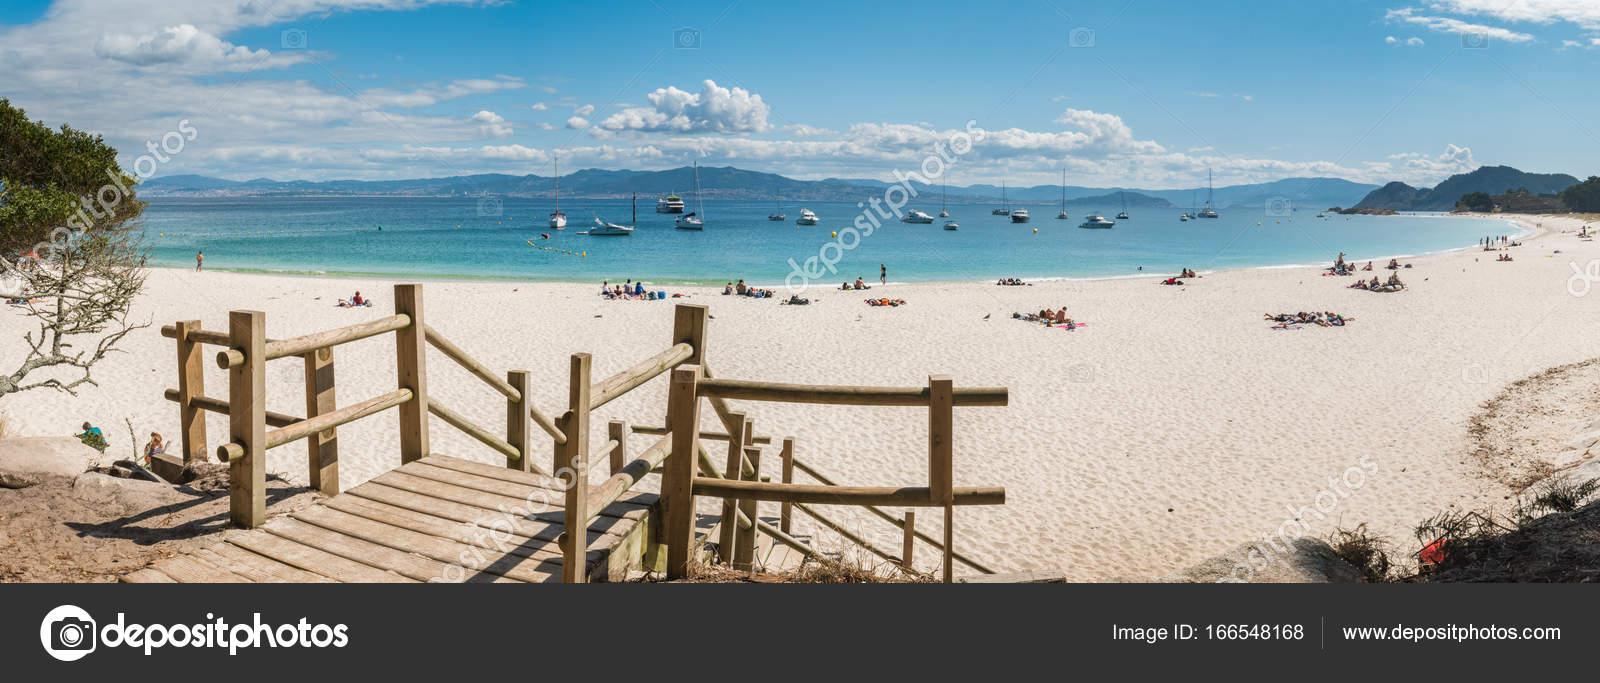 playas de arena en rodas